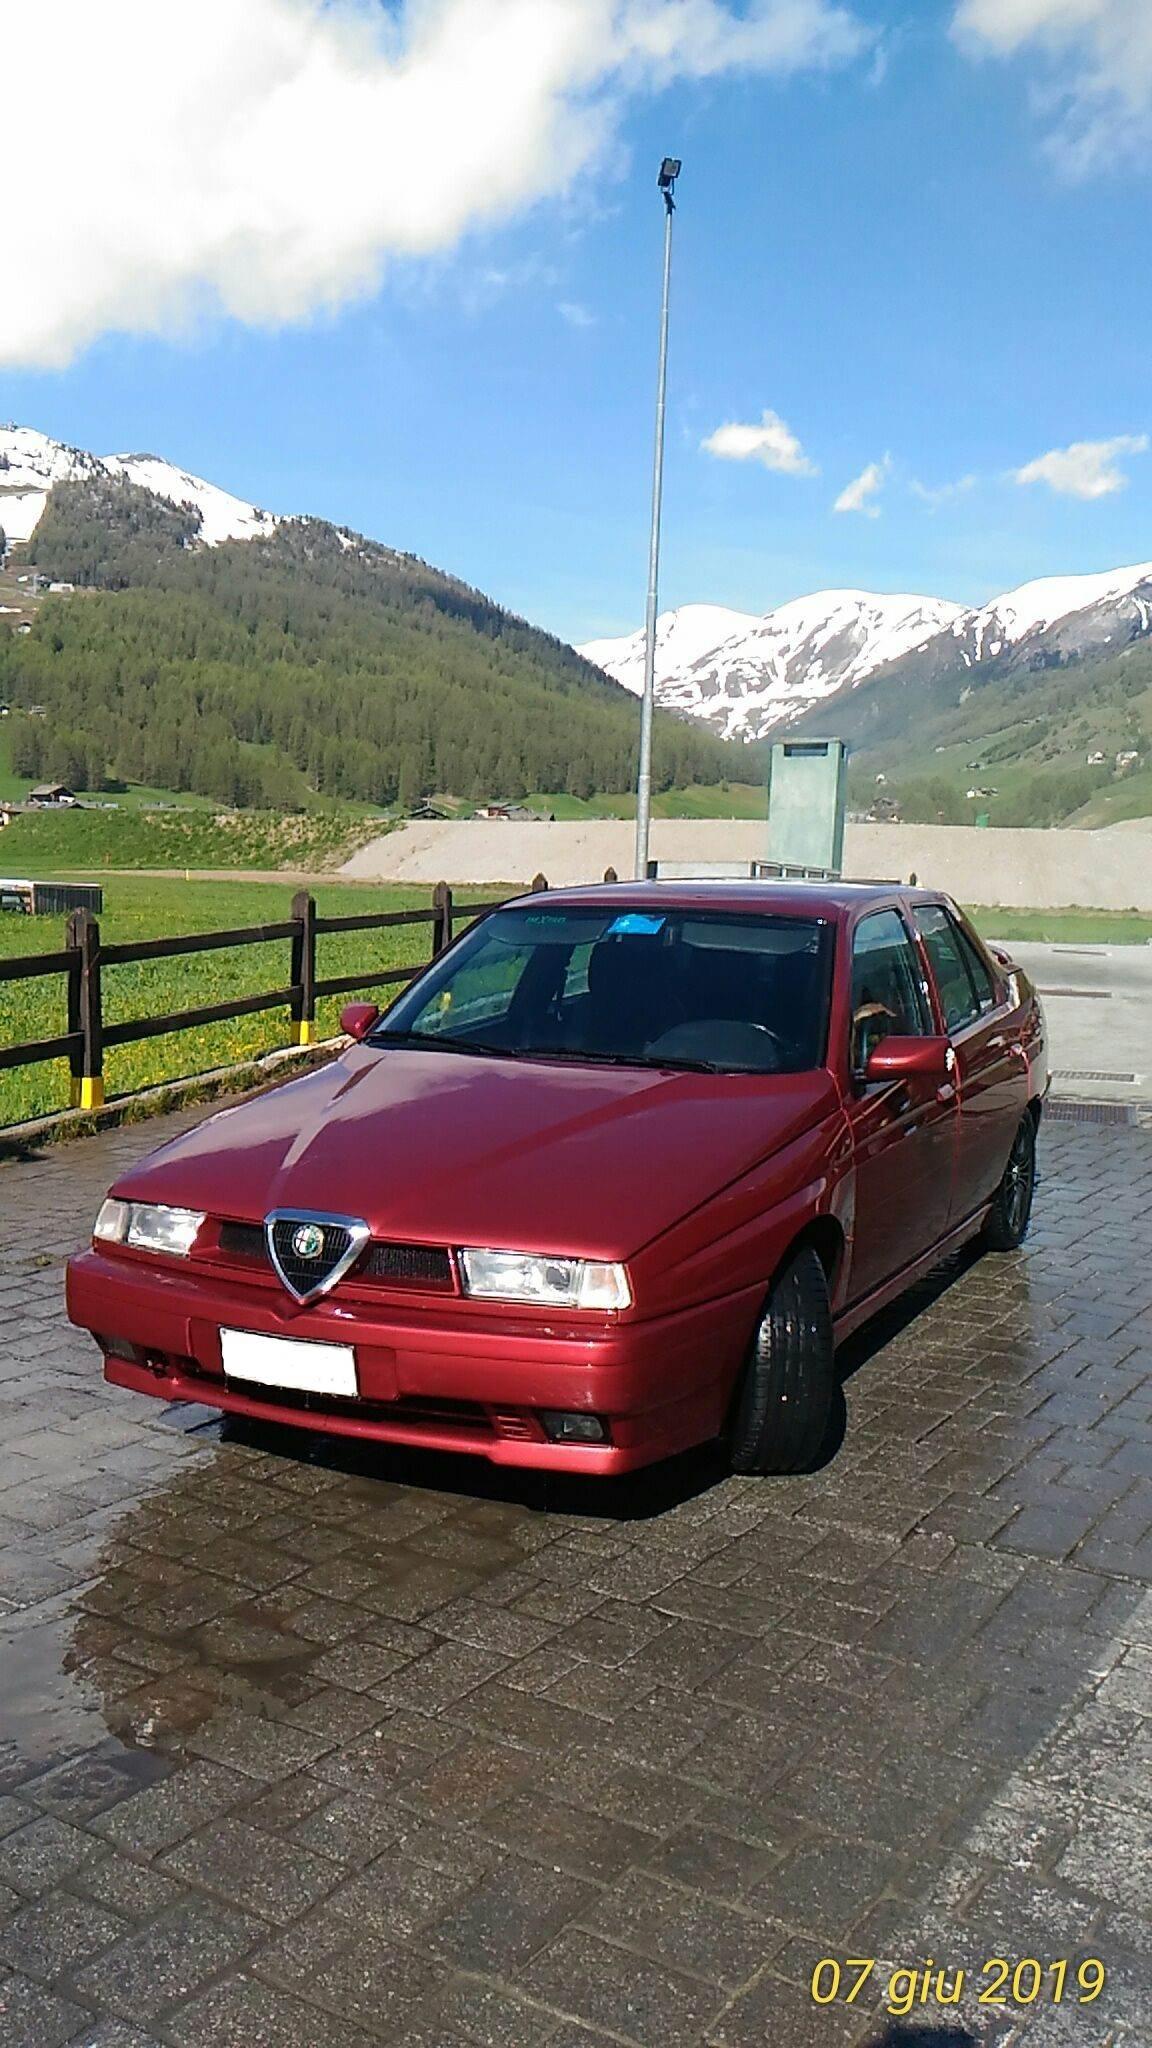 foto Alfa Romeo 155 T.S.  1995 rosso proteo  Livigno (Sondrio) - 4